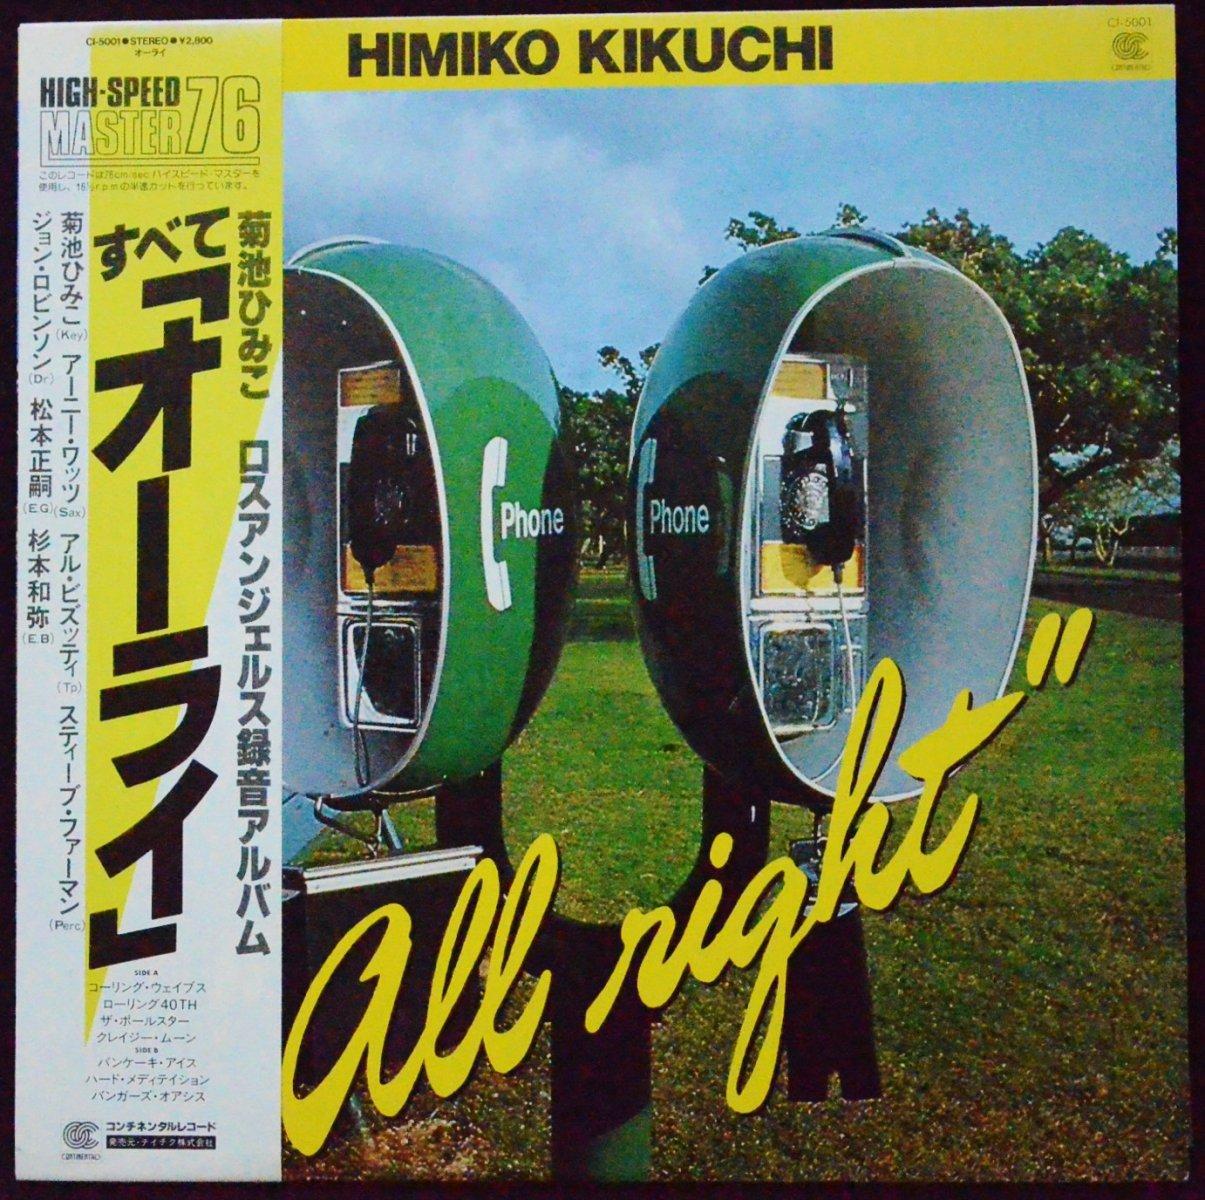 菊池ひみこ HIMIKO KIKUCHI / オーライ ALL RIGHT (LP)